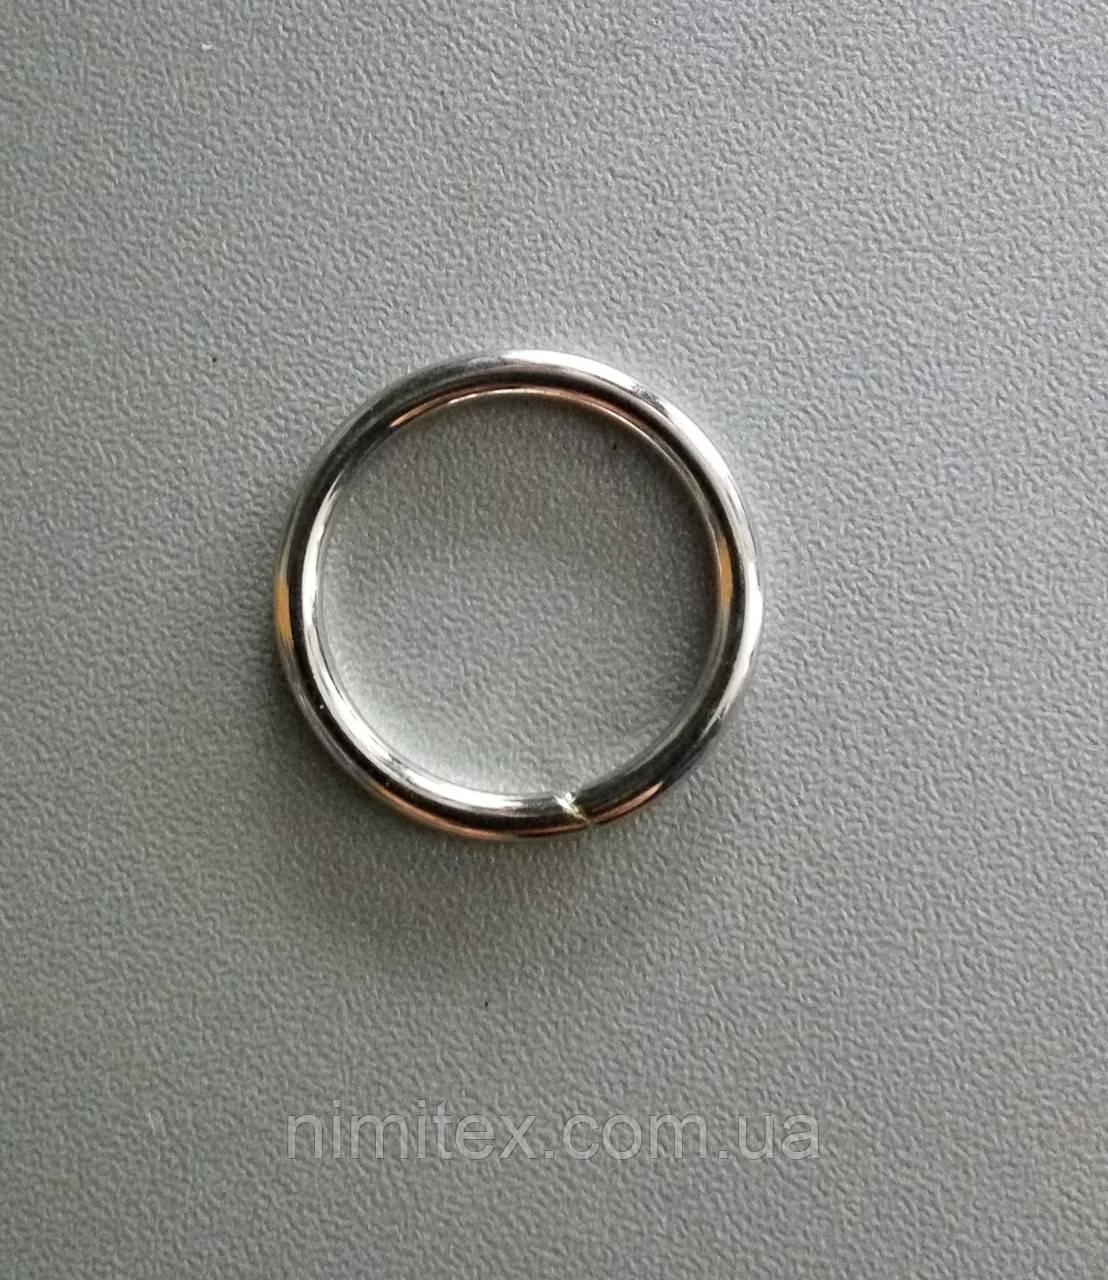 Кольцо литое сварное 20 мм никель